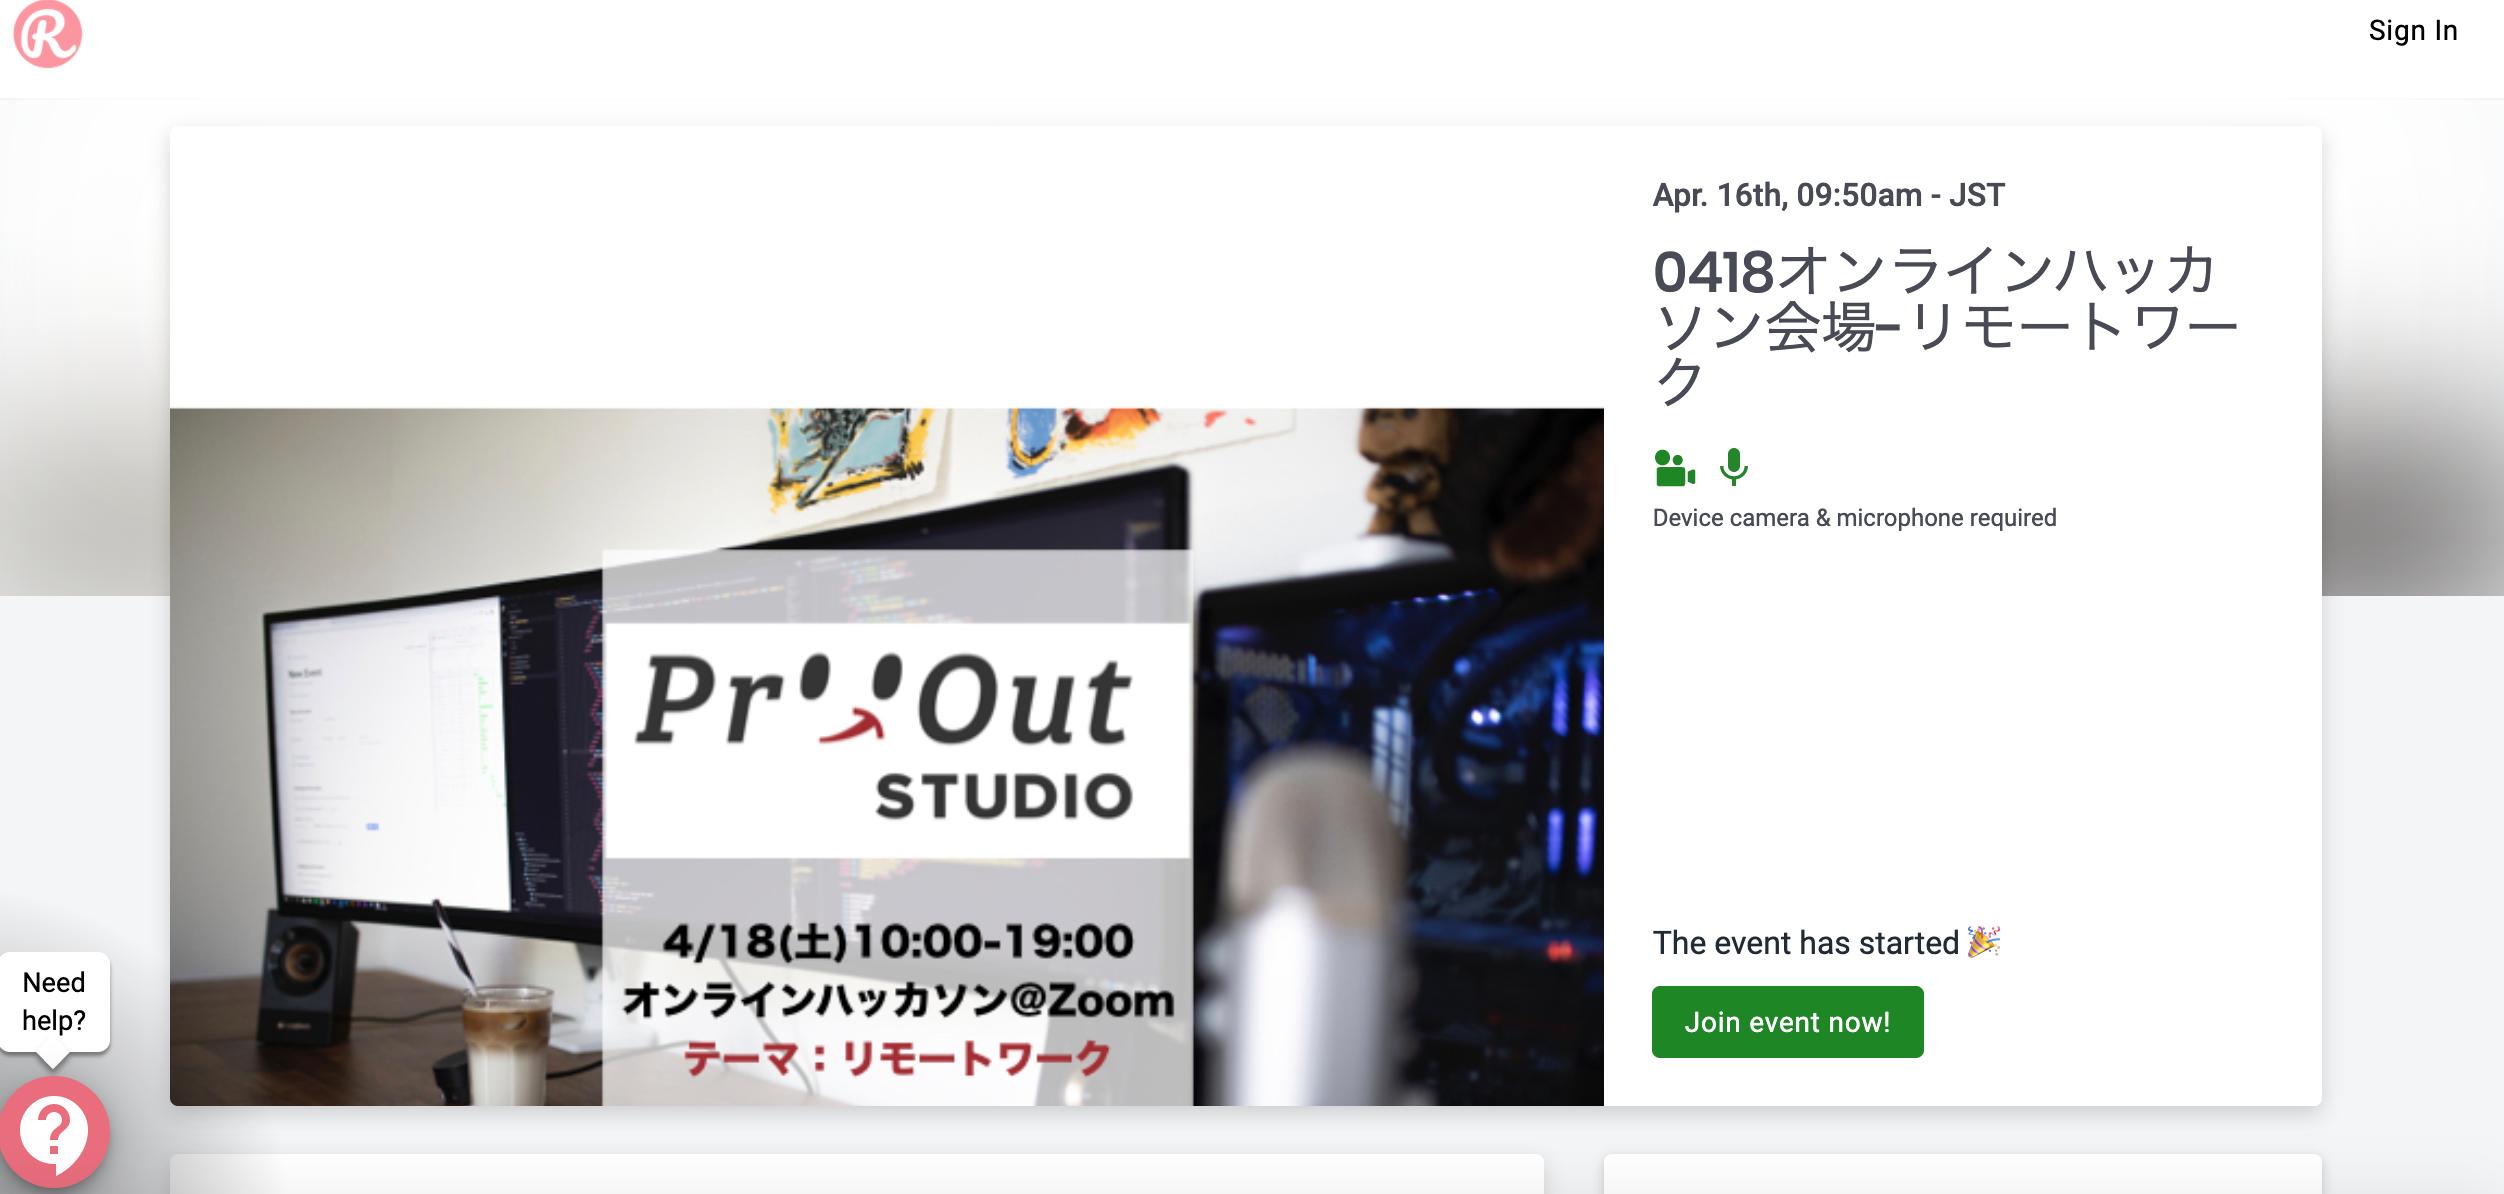 スクリーンショット 2020-04-17 11.40.31.png